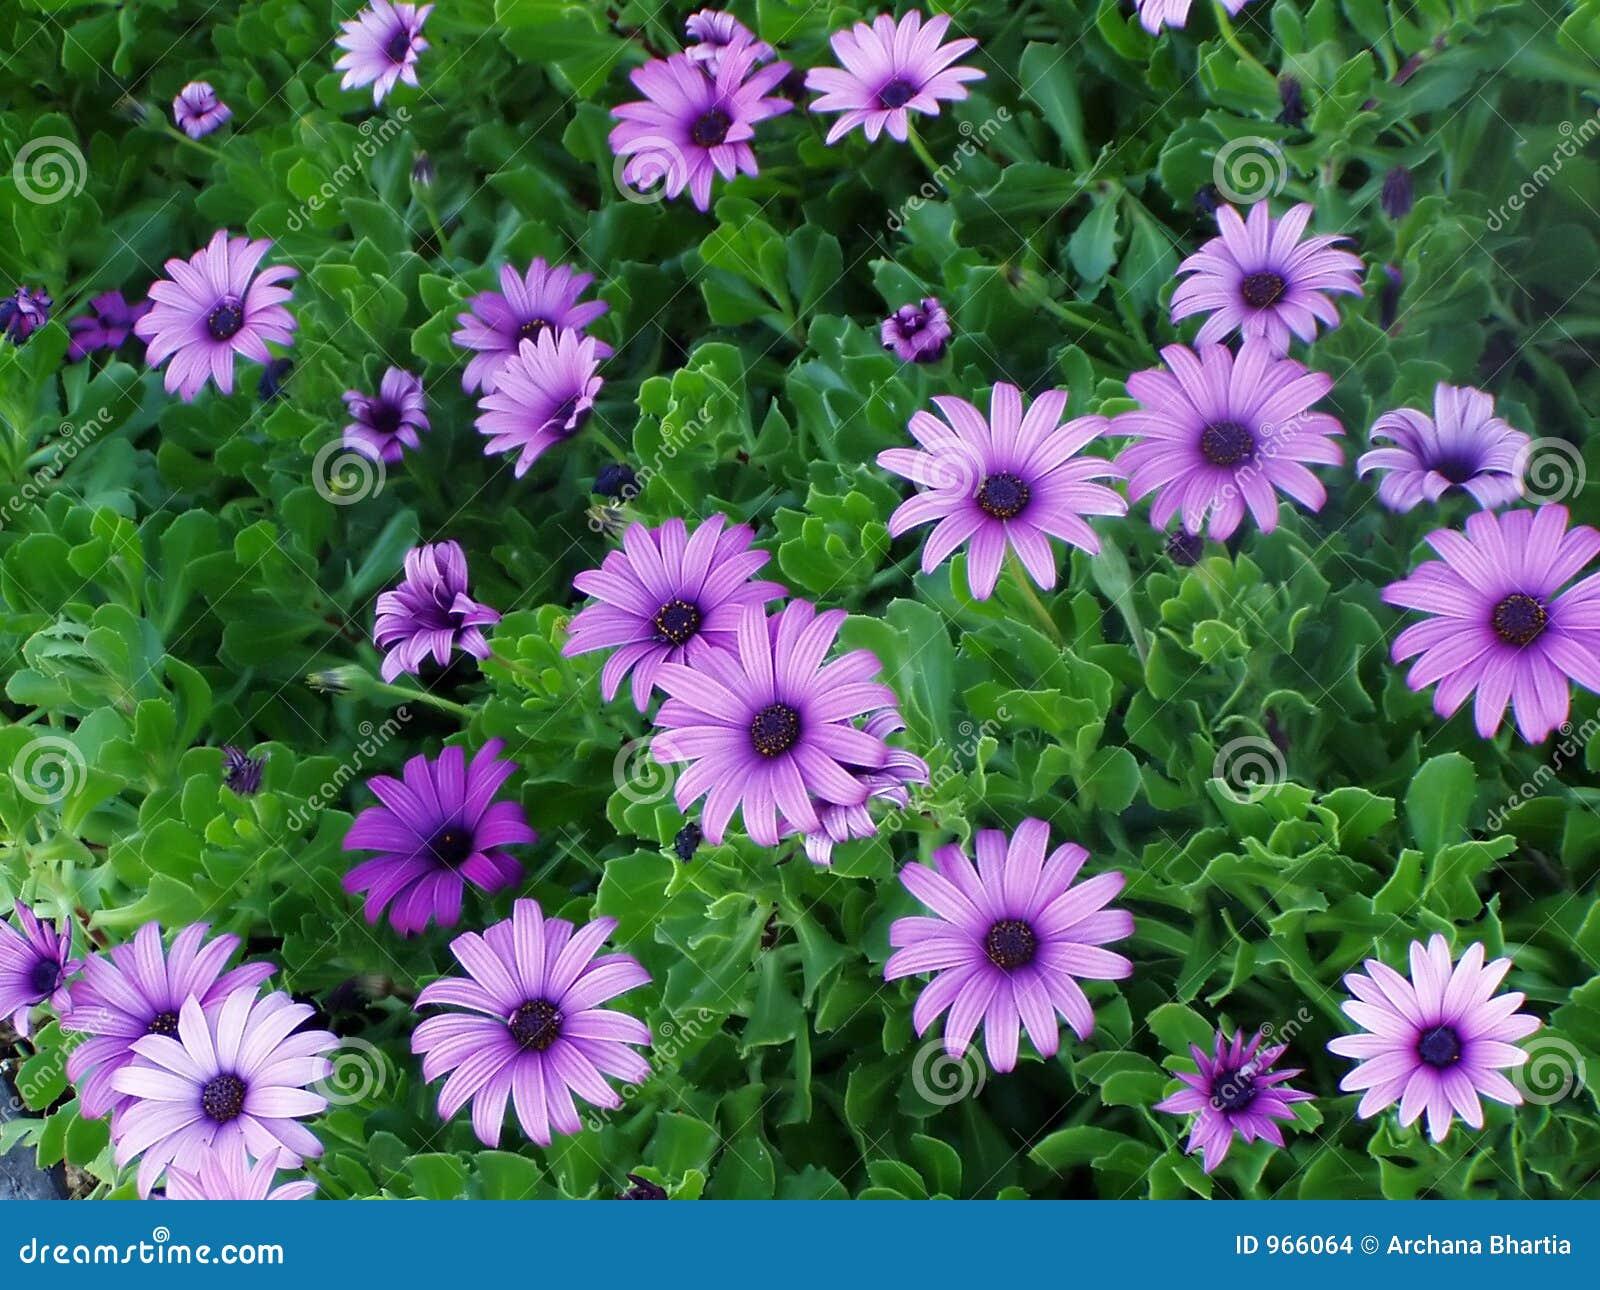 Extremamente Flores roxas foto de stock. Imagem de presente, flora, floral - 966064 JE95